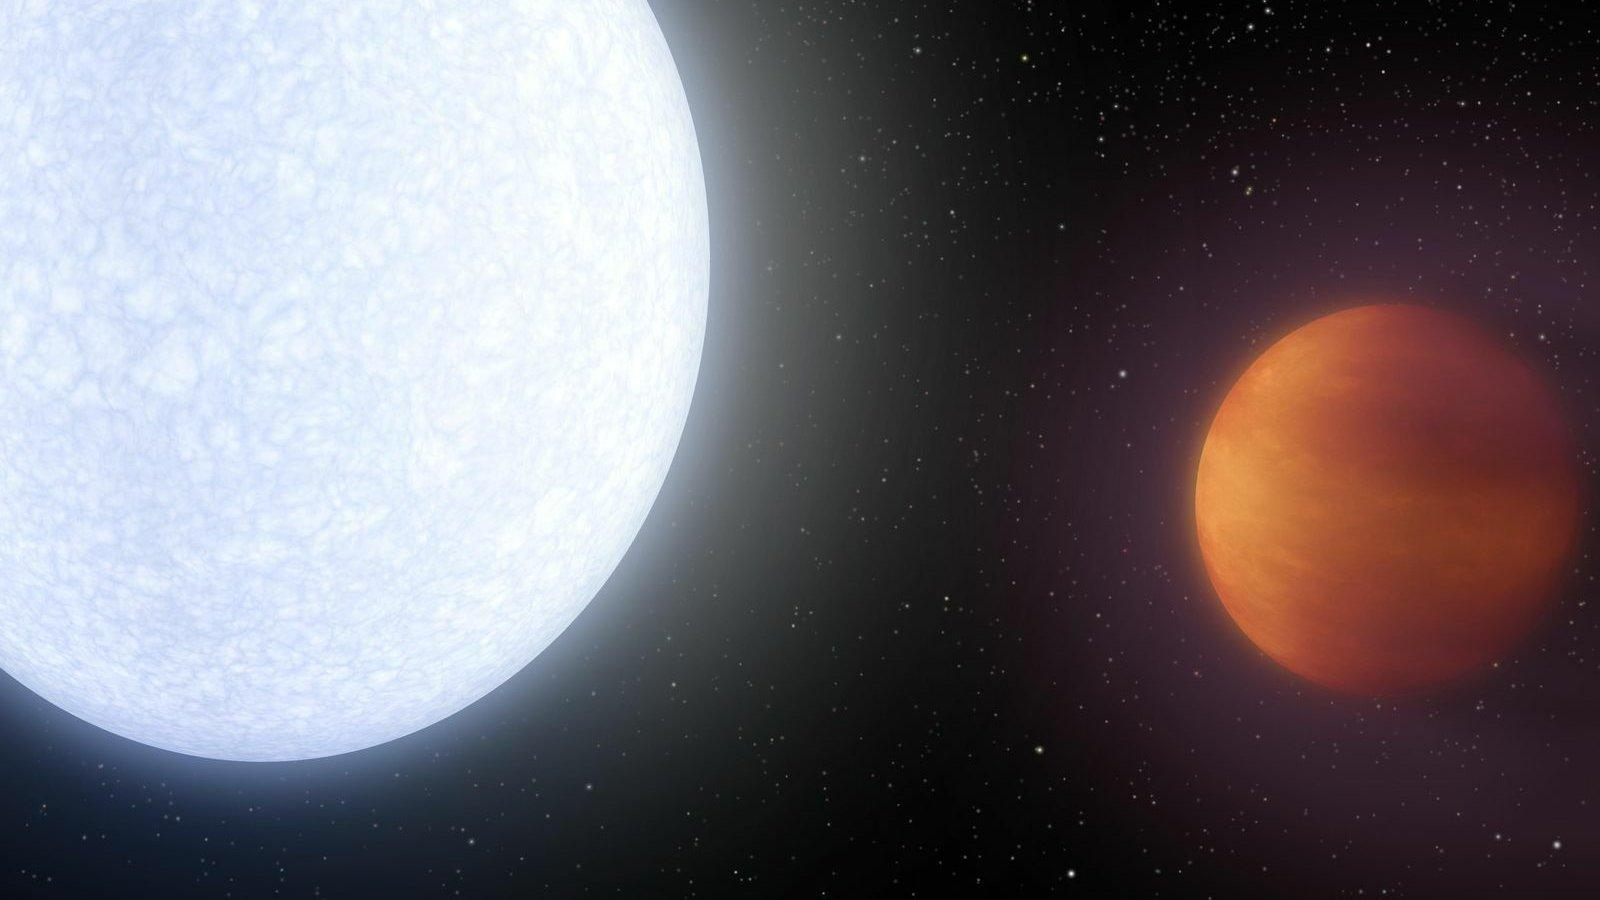 Die künstlerische Darstellung zeigt den Planeten Kelt-9b mit seinem Stern Kelt-9. Der Stern befindet sich links im Bild und leuchtet weiß bis bläulich, der Planet Kelt-9b befindet sich rechts im Bild, ist kleiner als der Stern und leuchtet selbst rötlich.